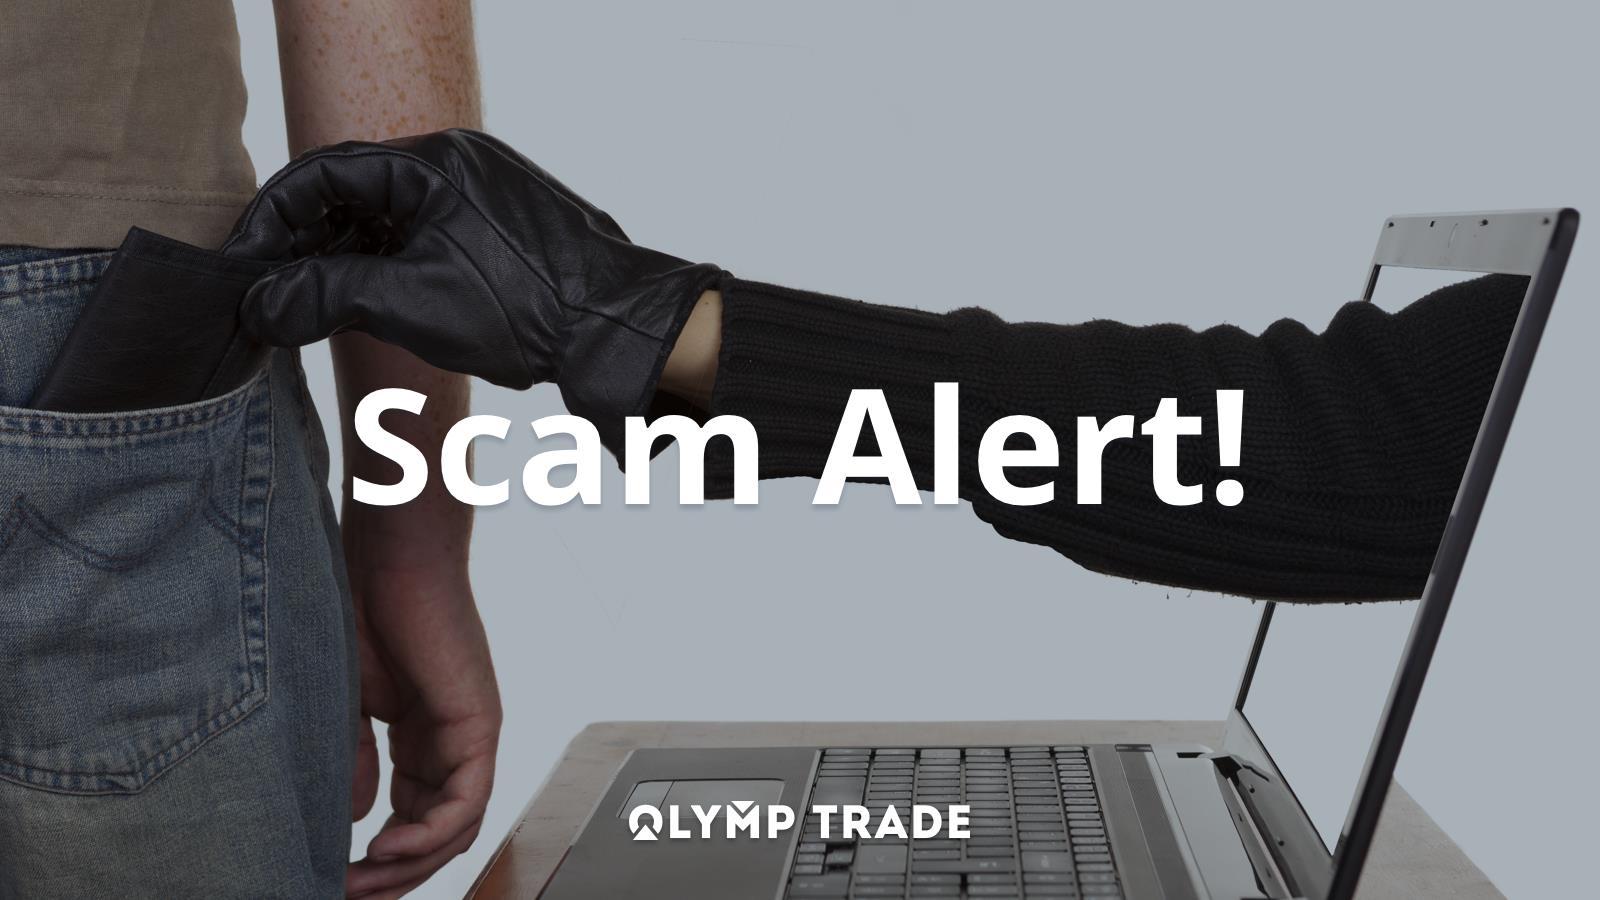 Chủ sàn Olymp Trade chơi xấu tài khoản của bạn